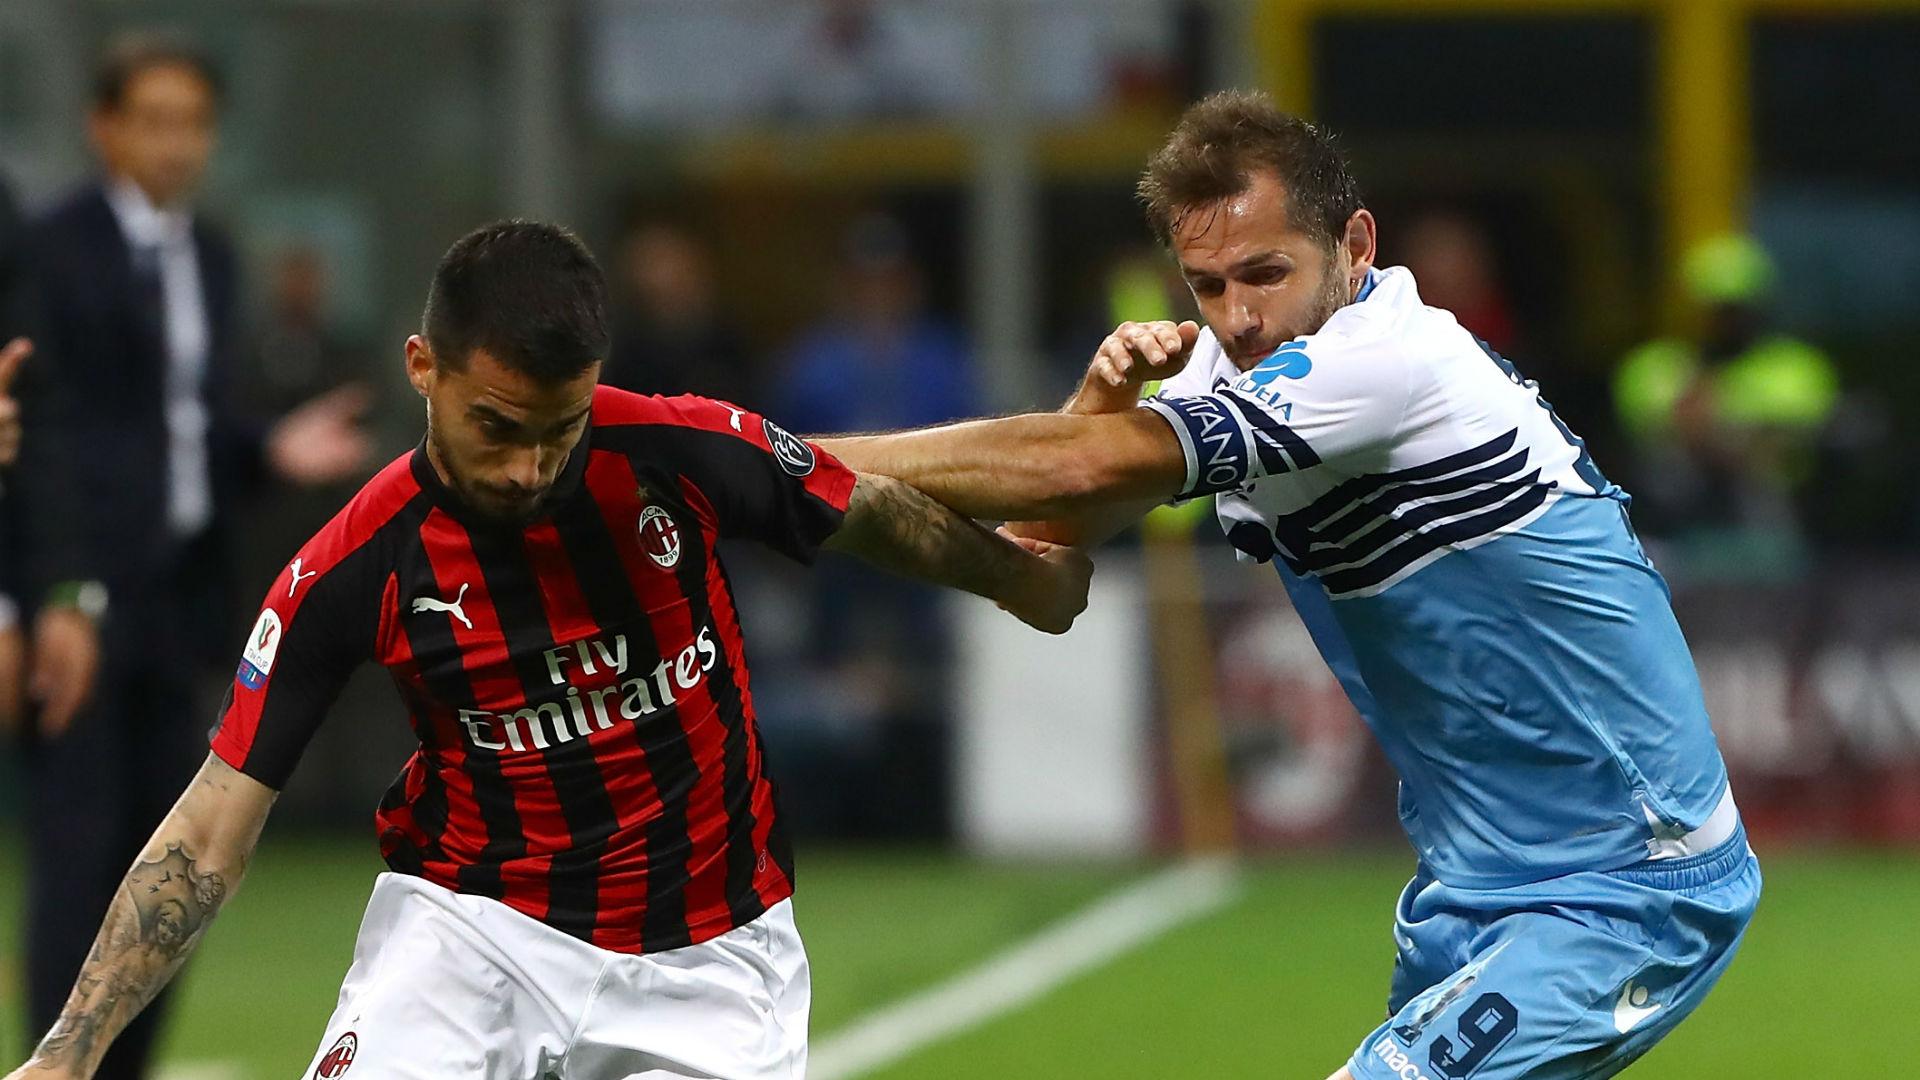 Suso Senad Lulic Milan Lazio Coppa Italia